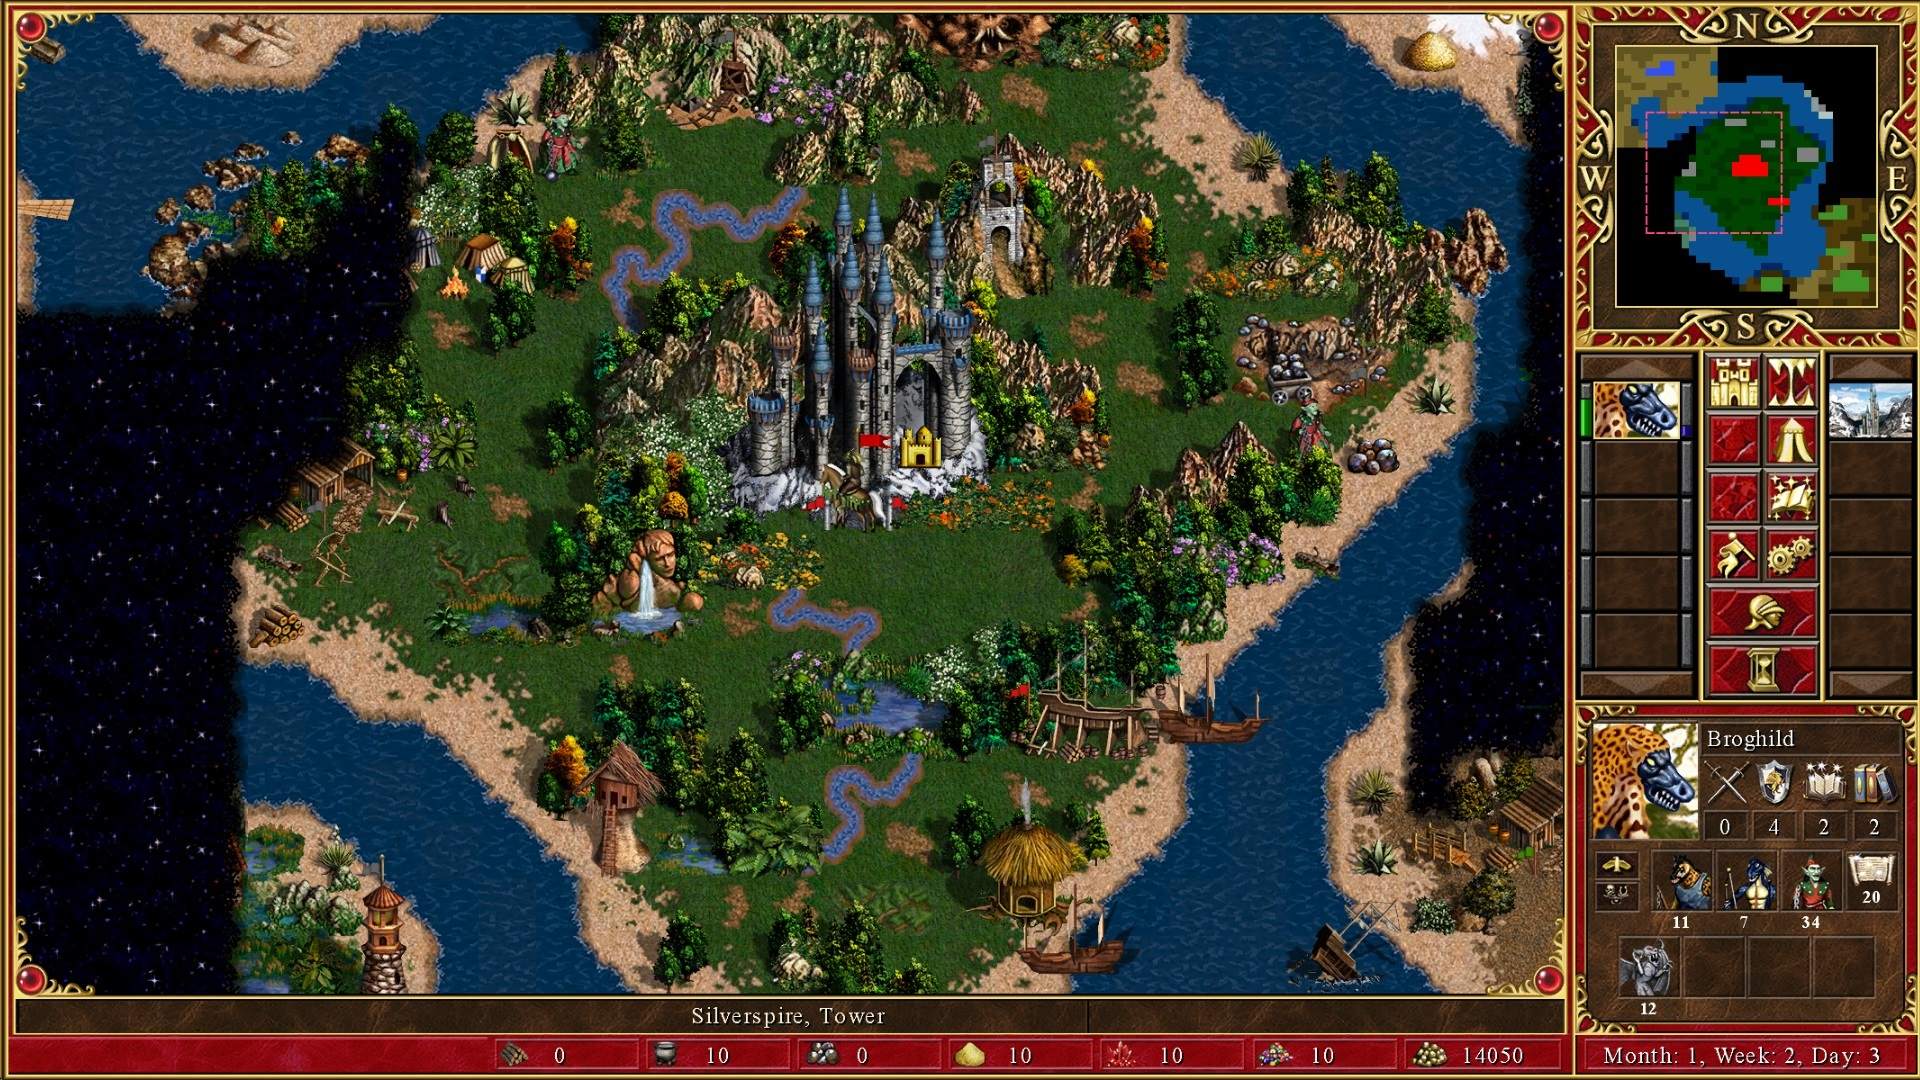 Скриншот из <i>Heroes of Might and Magic III</i>. Так сложилось, что именно эта версия игры считается вРоссии (и нетолько) наиболее «каноничной».